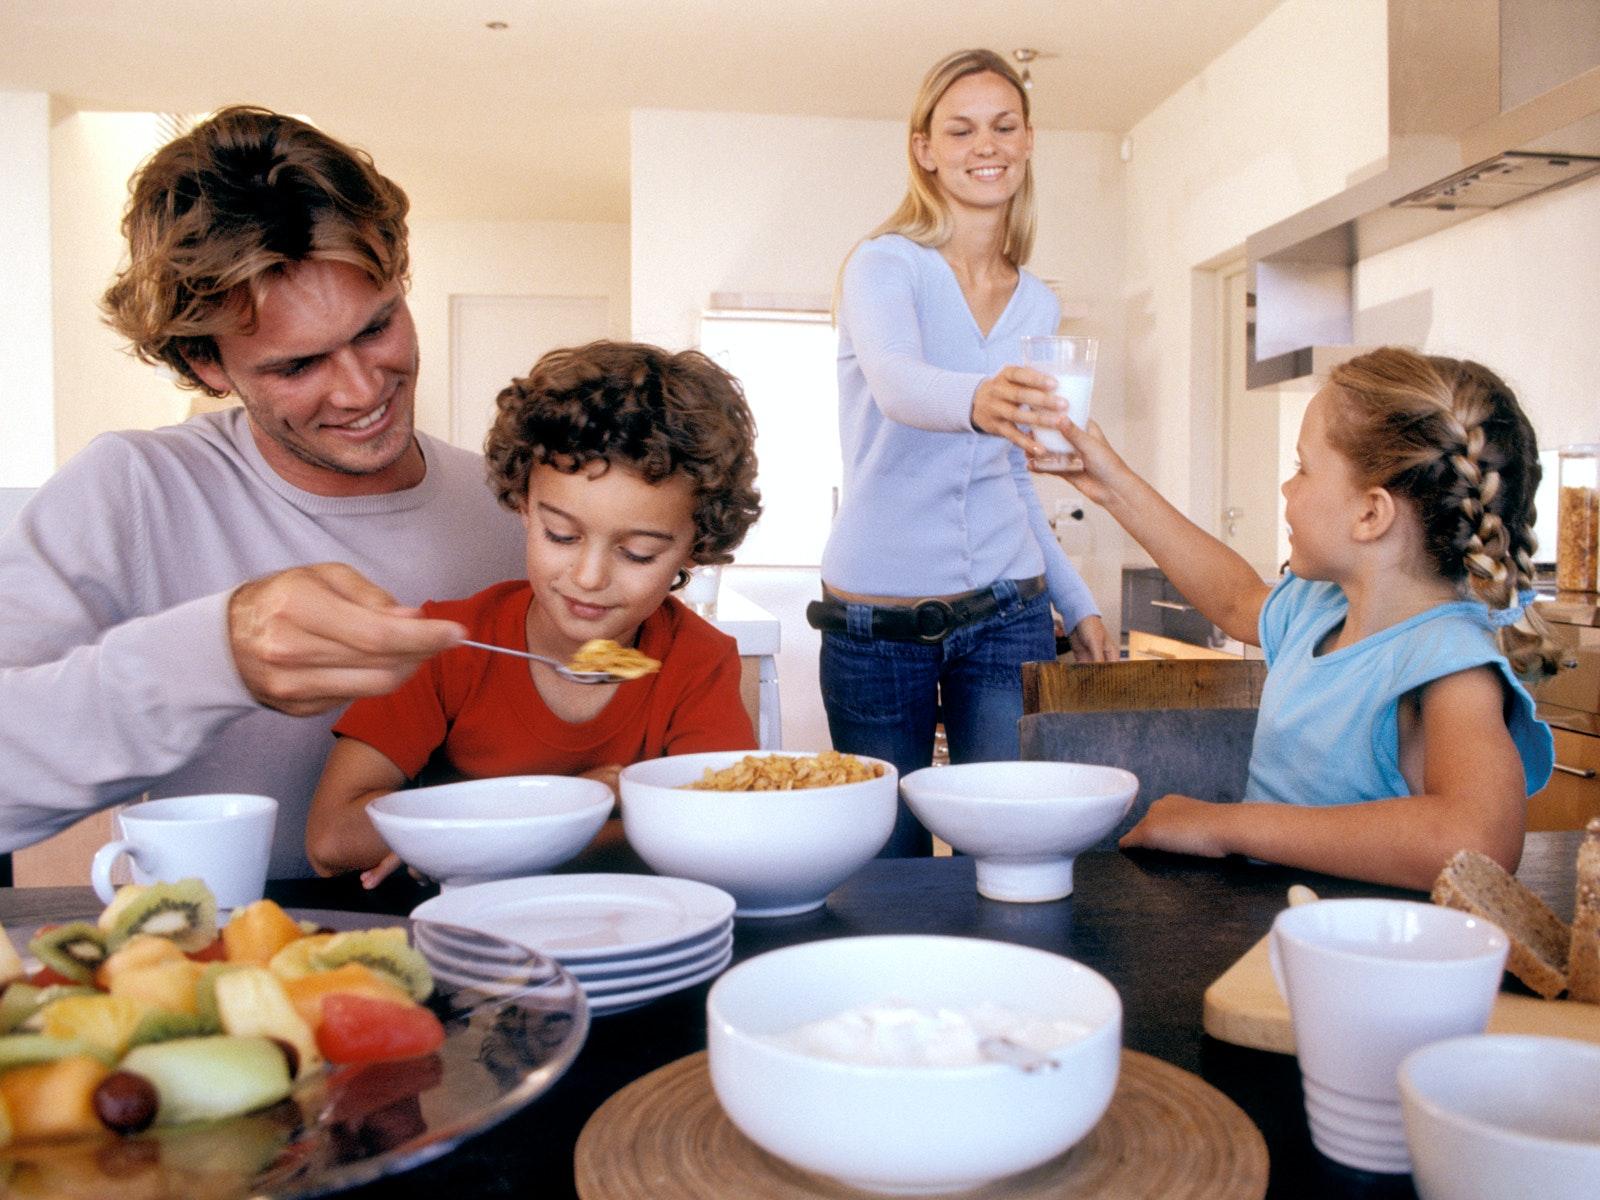 Maladie cœliaque : l'intolérance au gluten chez l'enfant